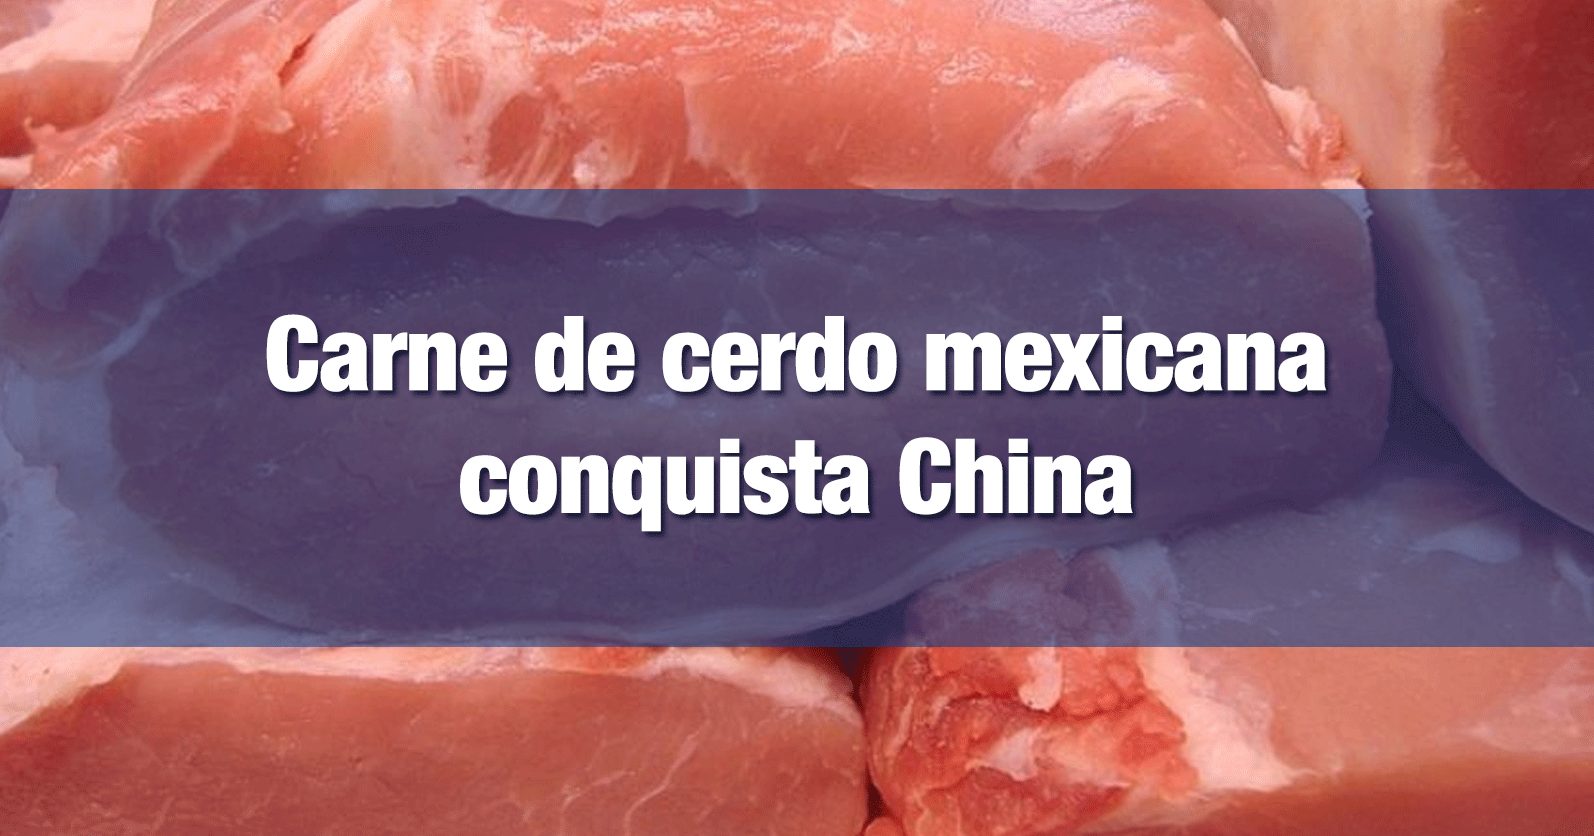 Carne de cerdo mexicana conquista China